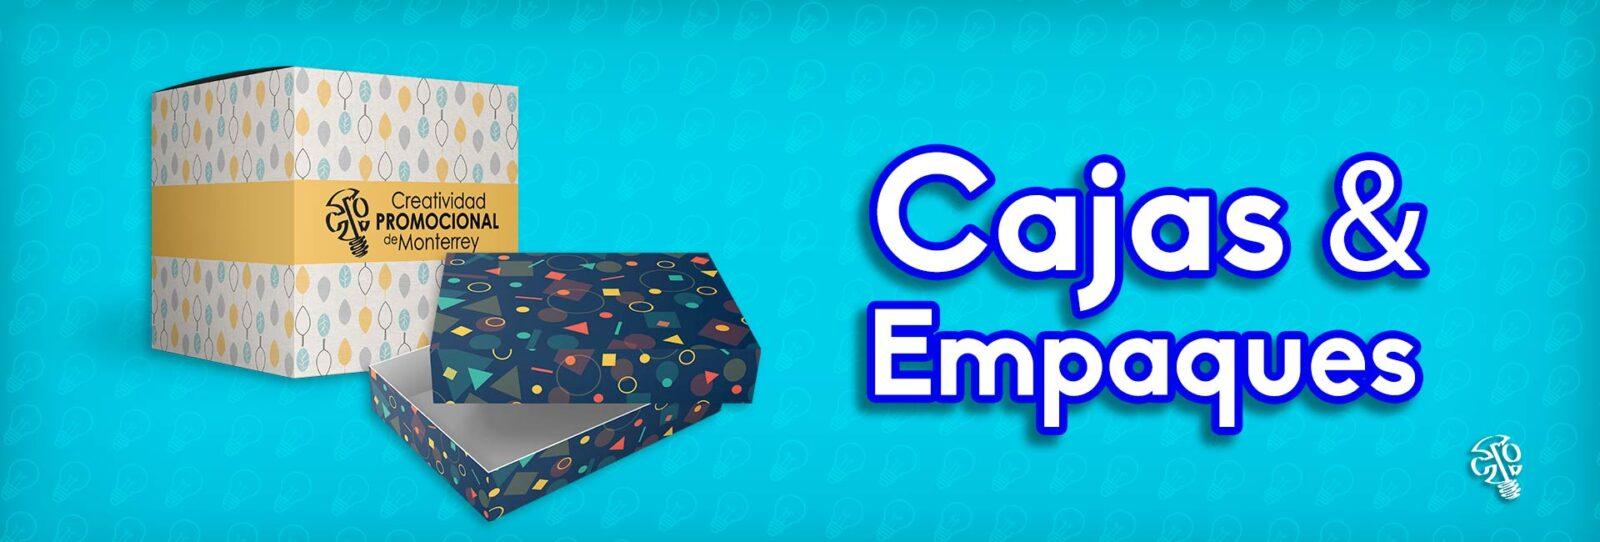 Cajas_empaques(1)